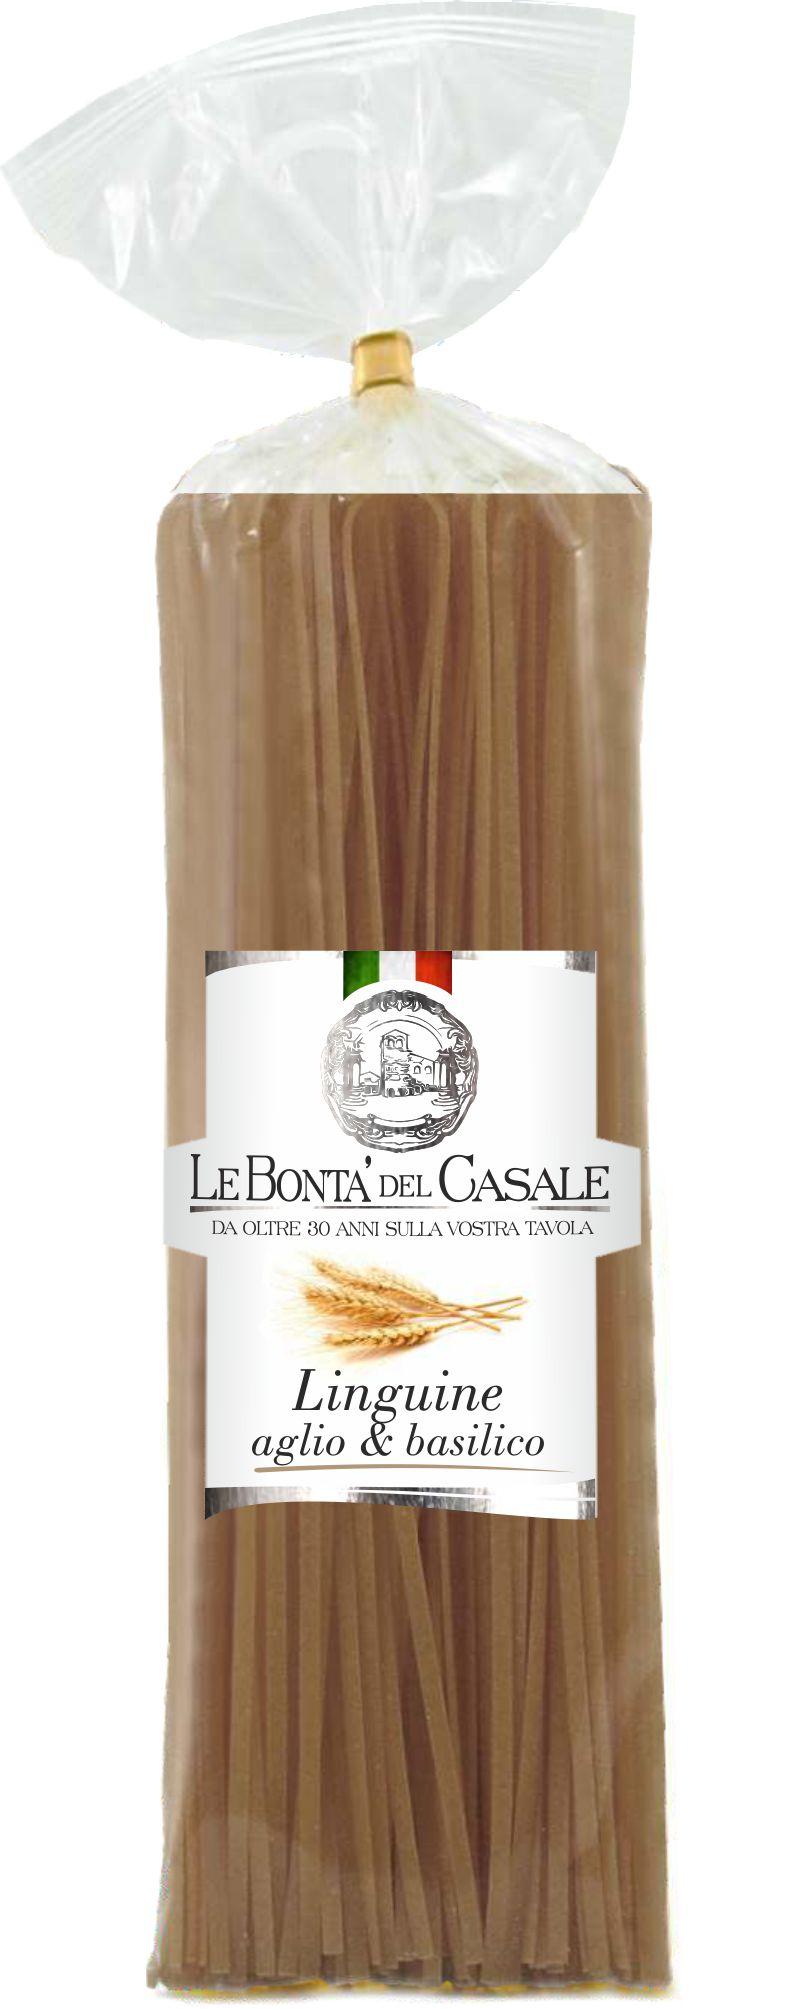 Linguine all' aglio e  basilico